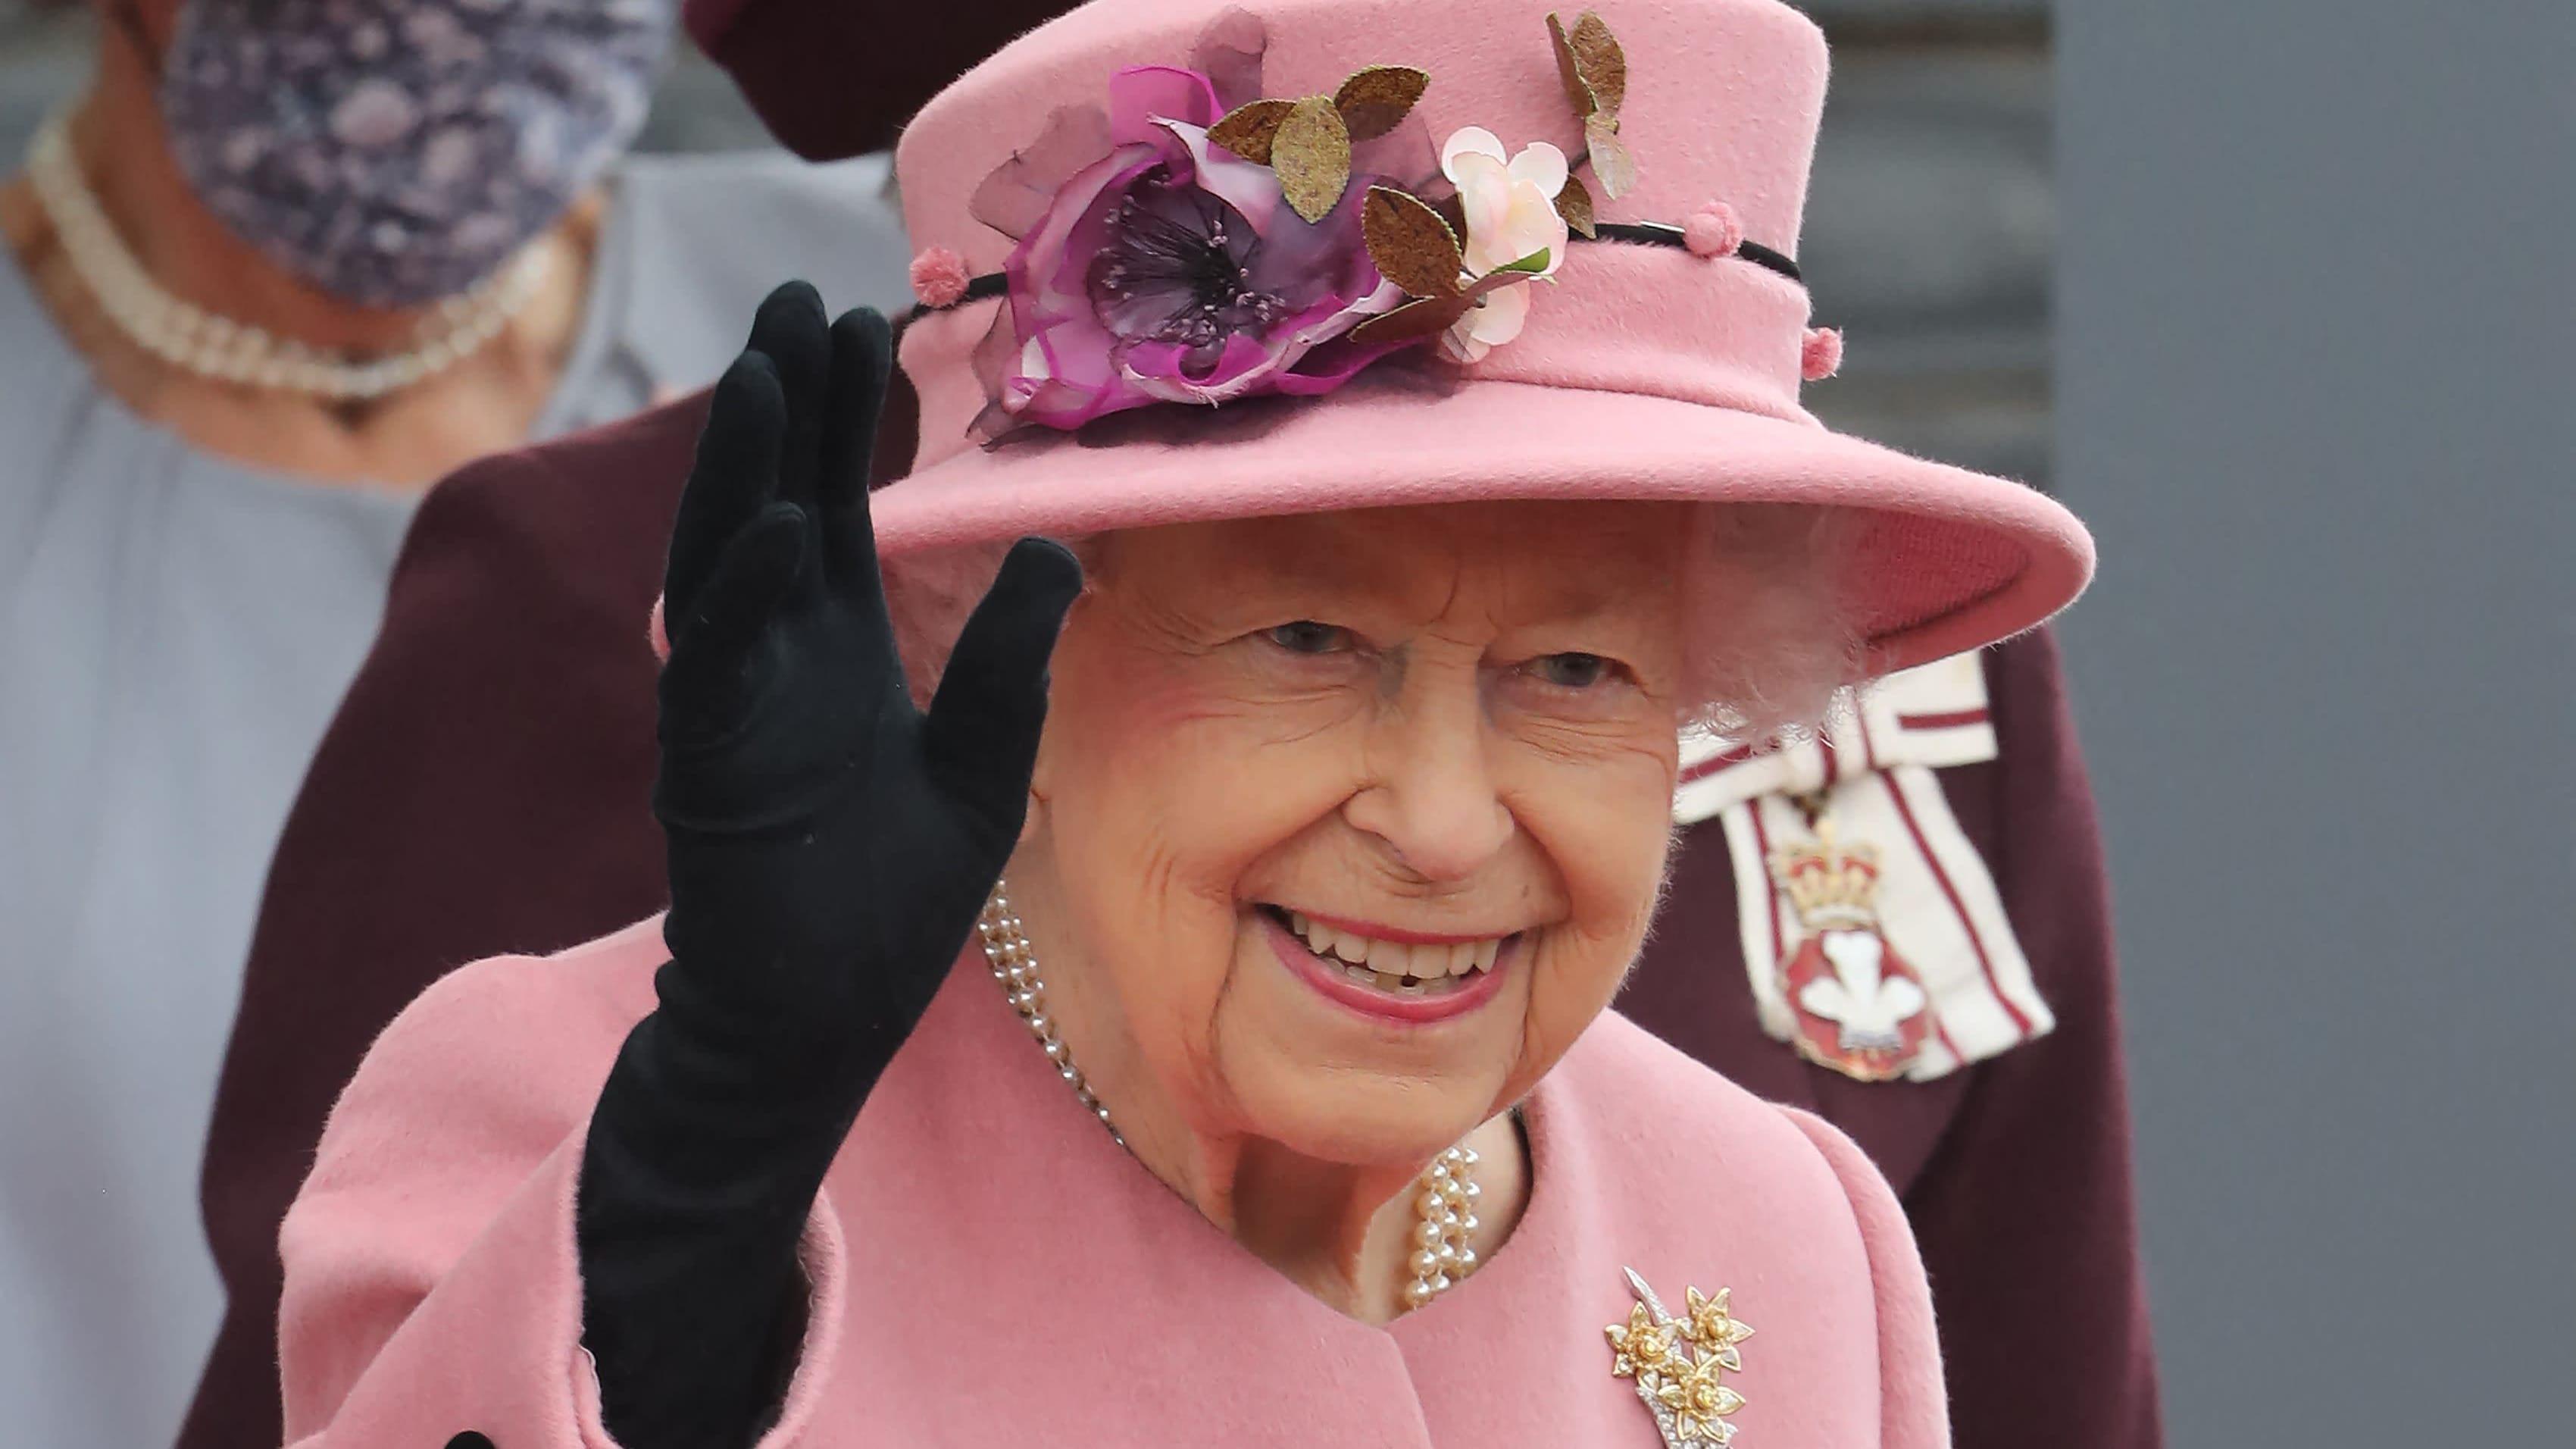 Yhdistyneen kuningaskunnan kuningatar Elisabeth II vilkuttaa.